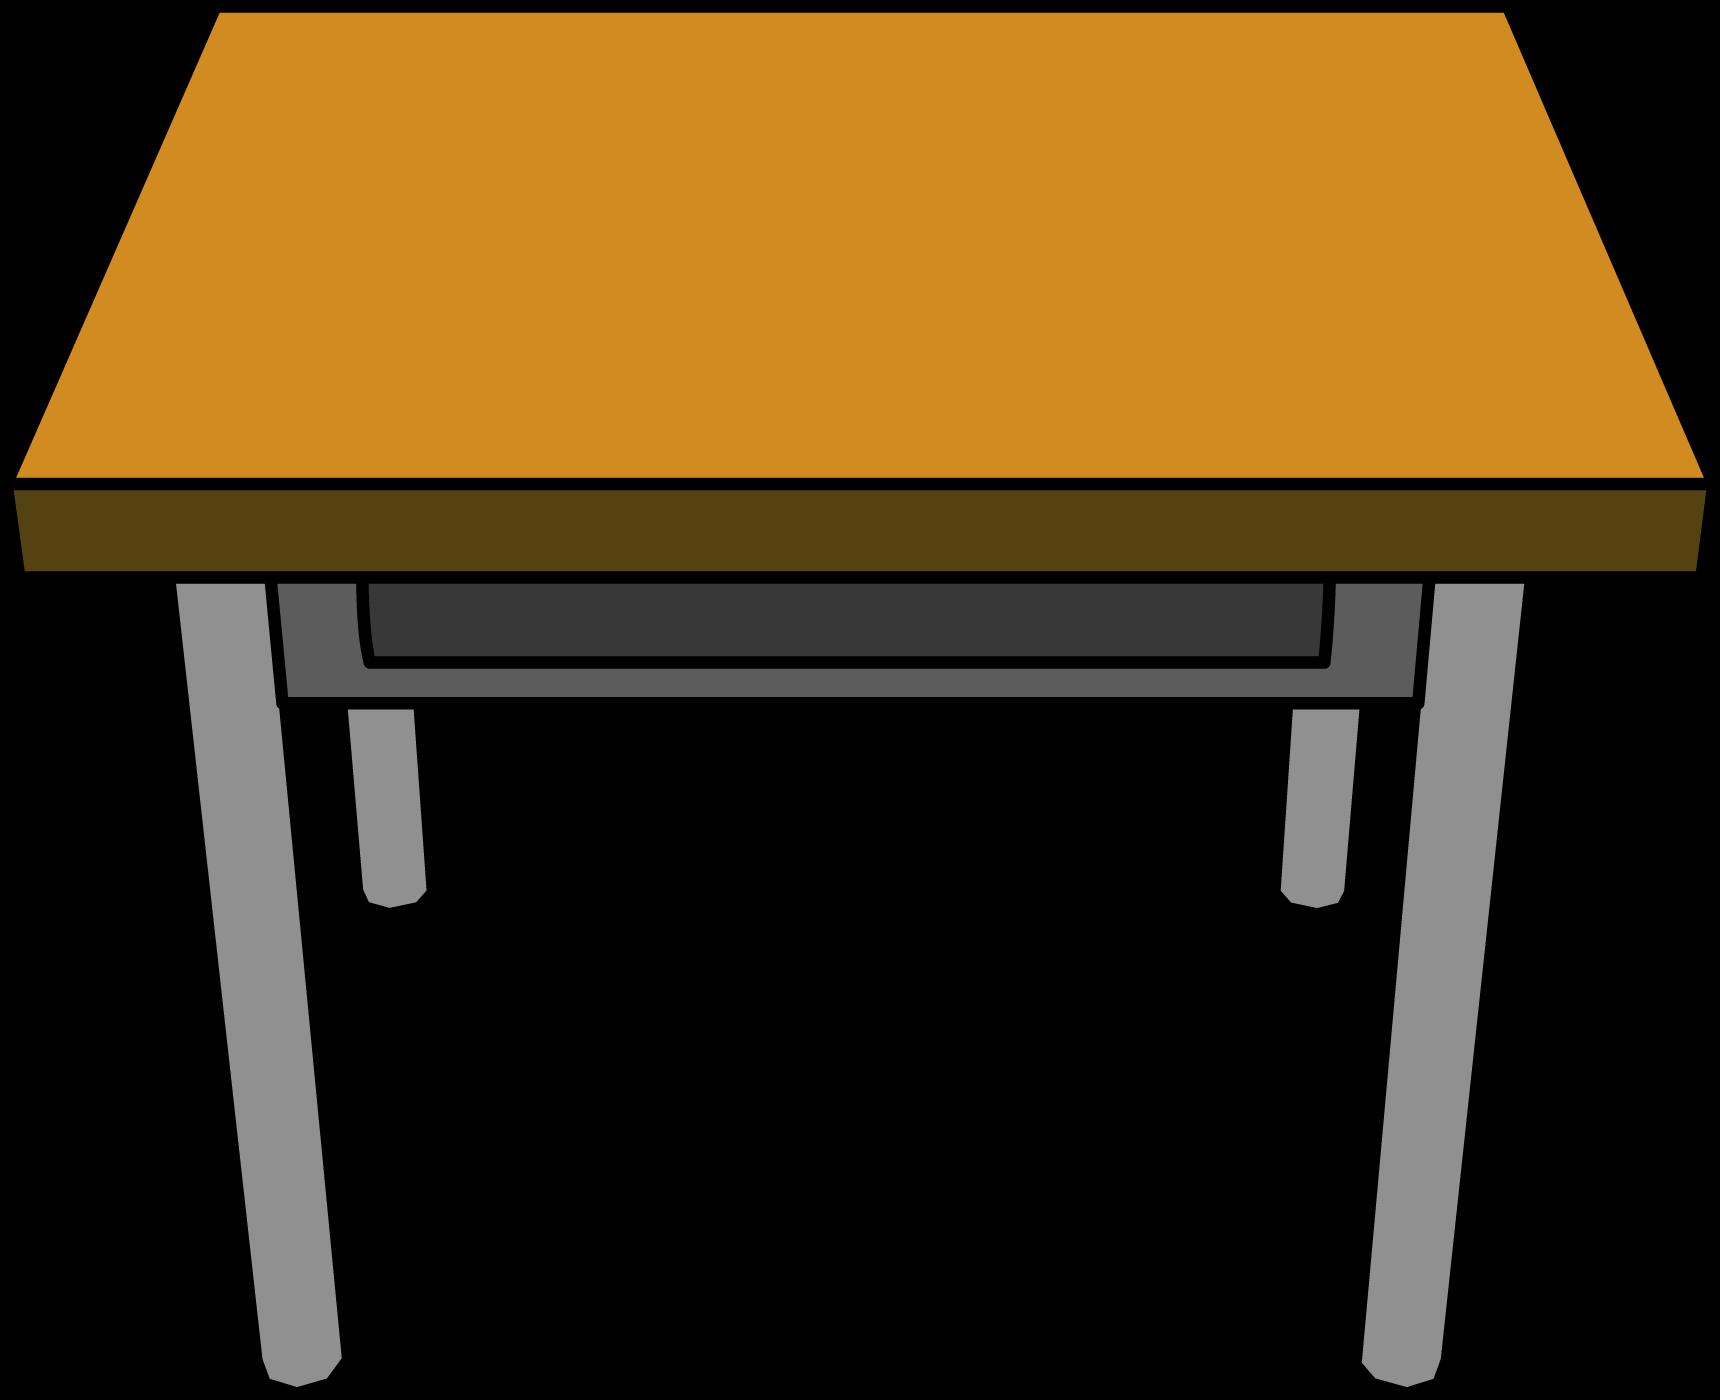 نتیجه تصویری برای Desk Life Table Student Desks Clip Art